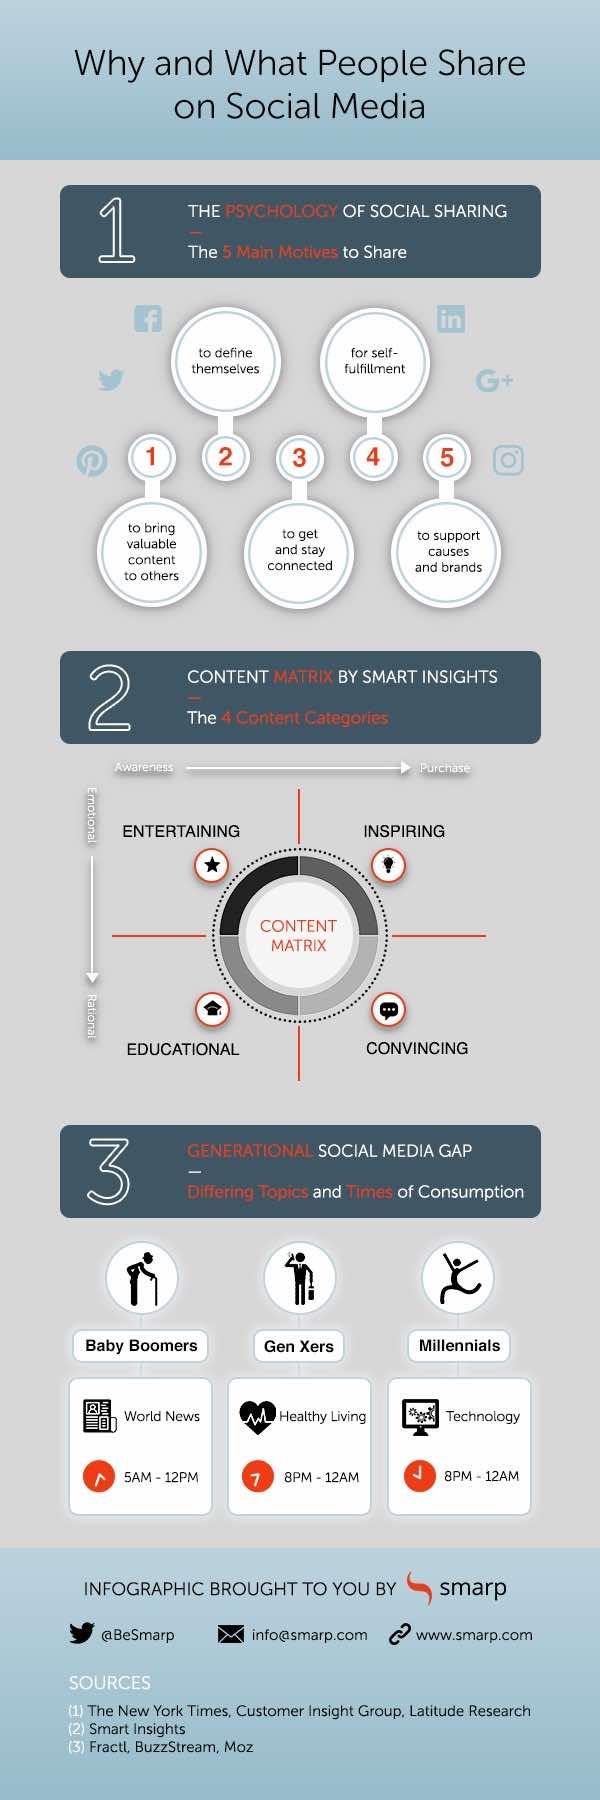 Apa Hal yang Memicu Audiens Menyebarkan Konten di Media Sosial?